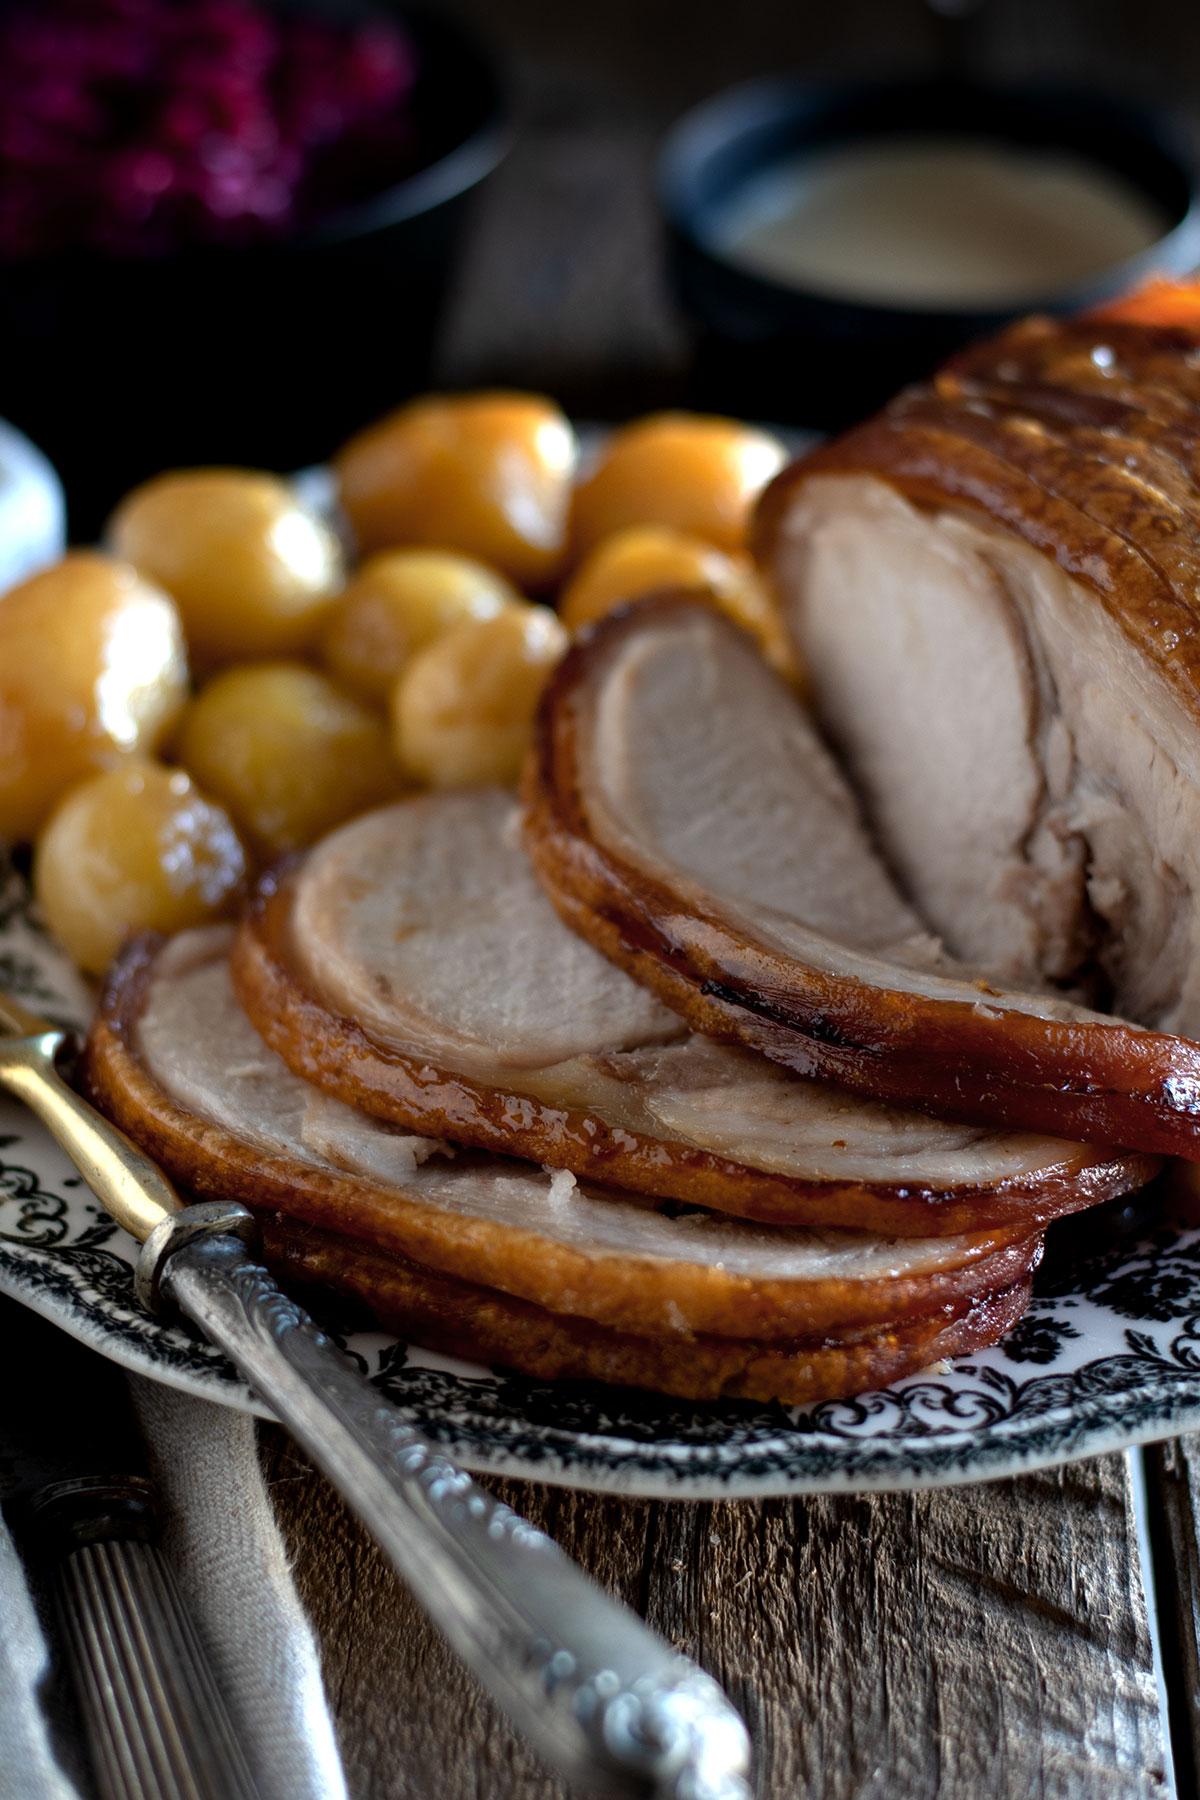 χριστουγεννιάτικο δανέζικο χοιρινό